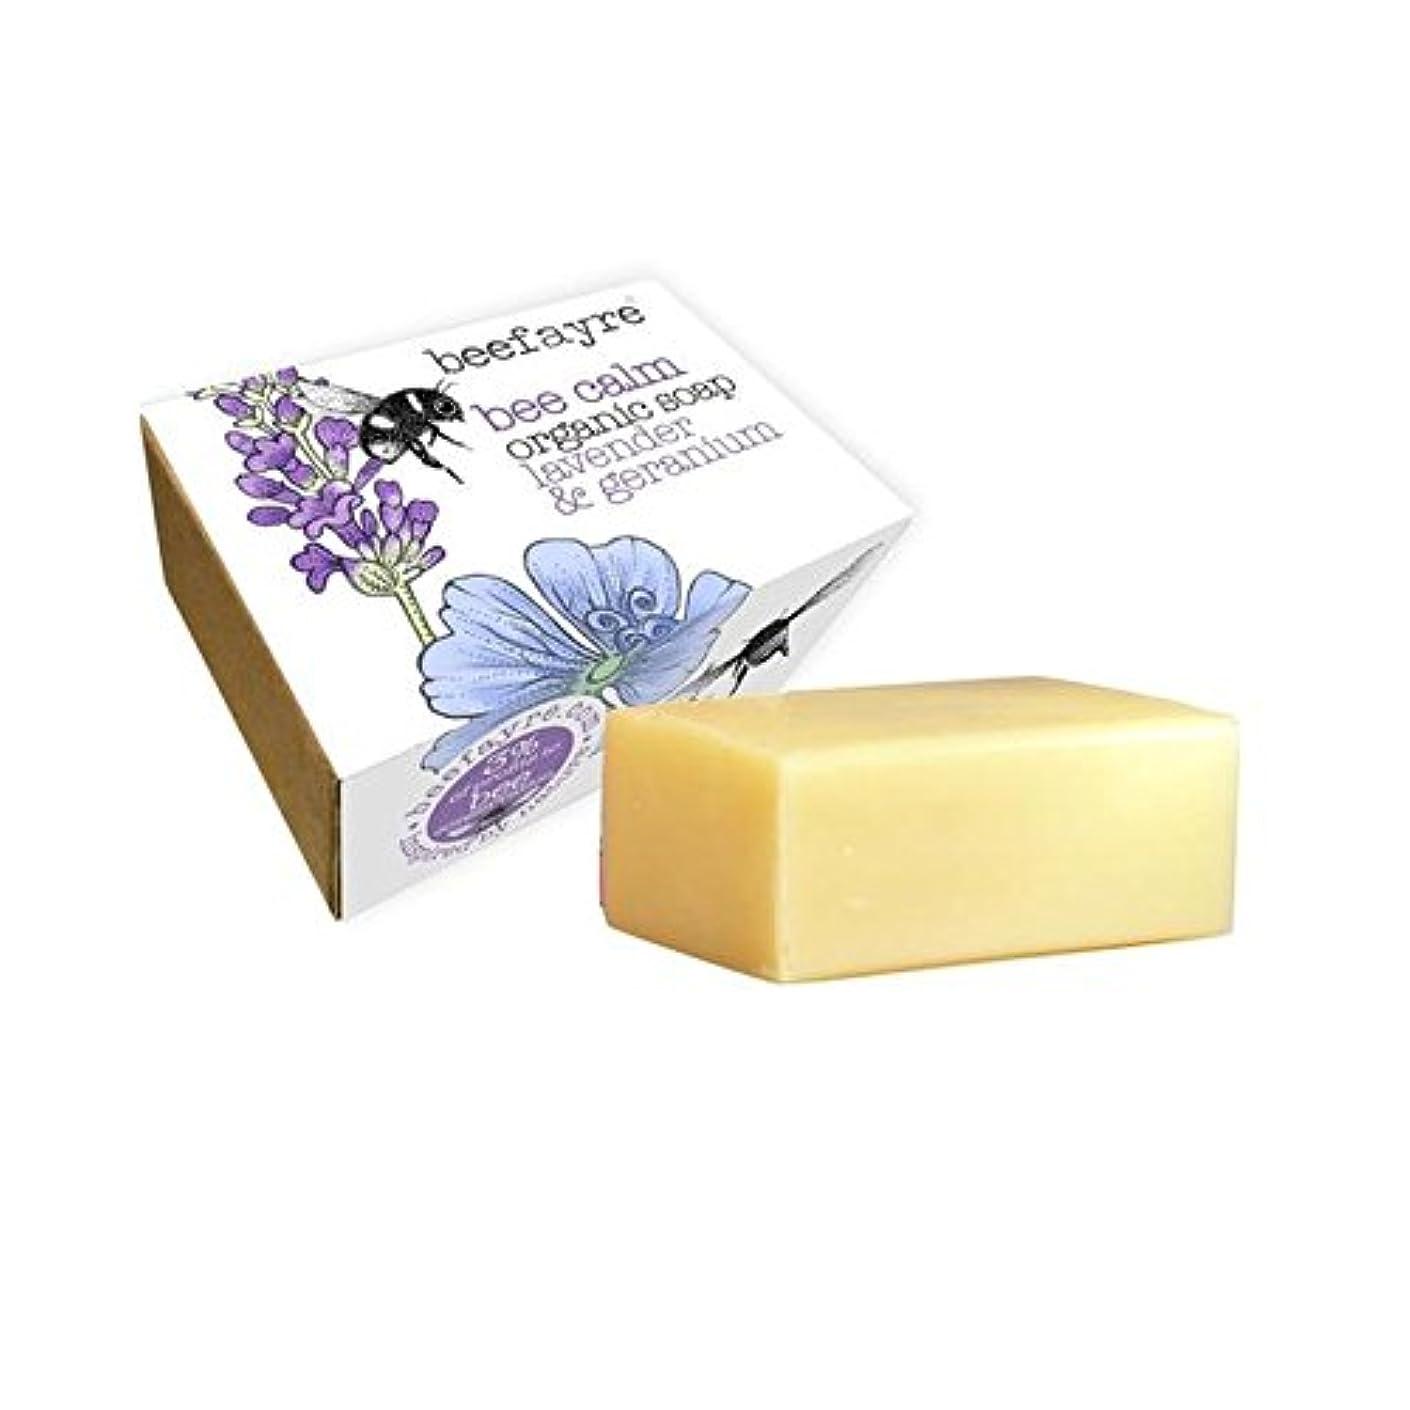 腐敗した付ける合計Beefayre Organic Geranium & Lavender Soap (Pack of 6) - 有機ゼラニウム&ラベンダー石鹸 x6 [並行輸入品]